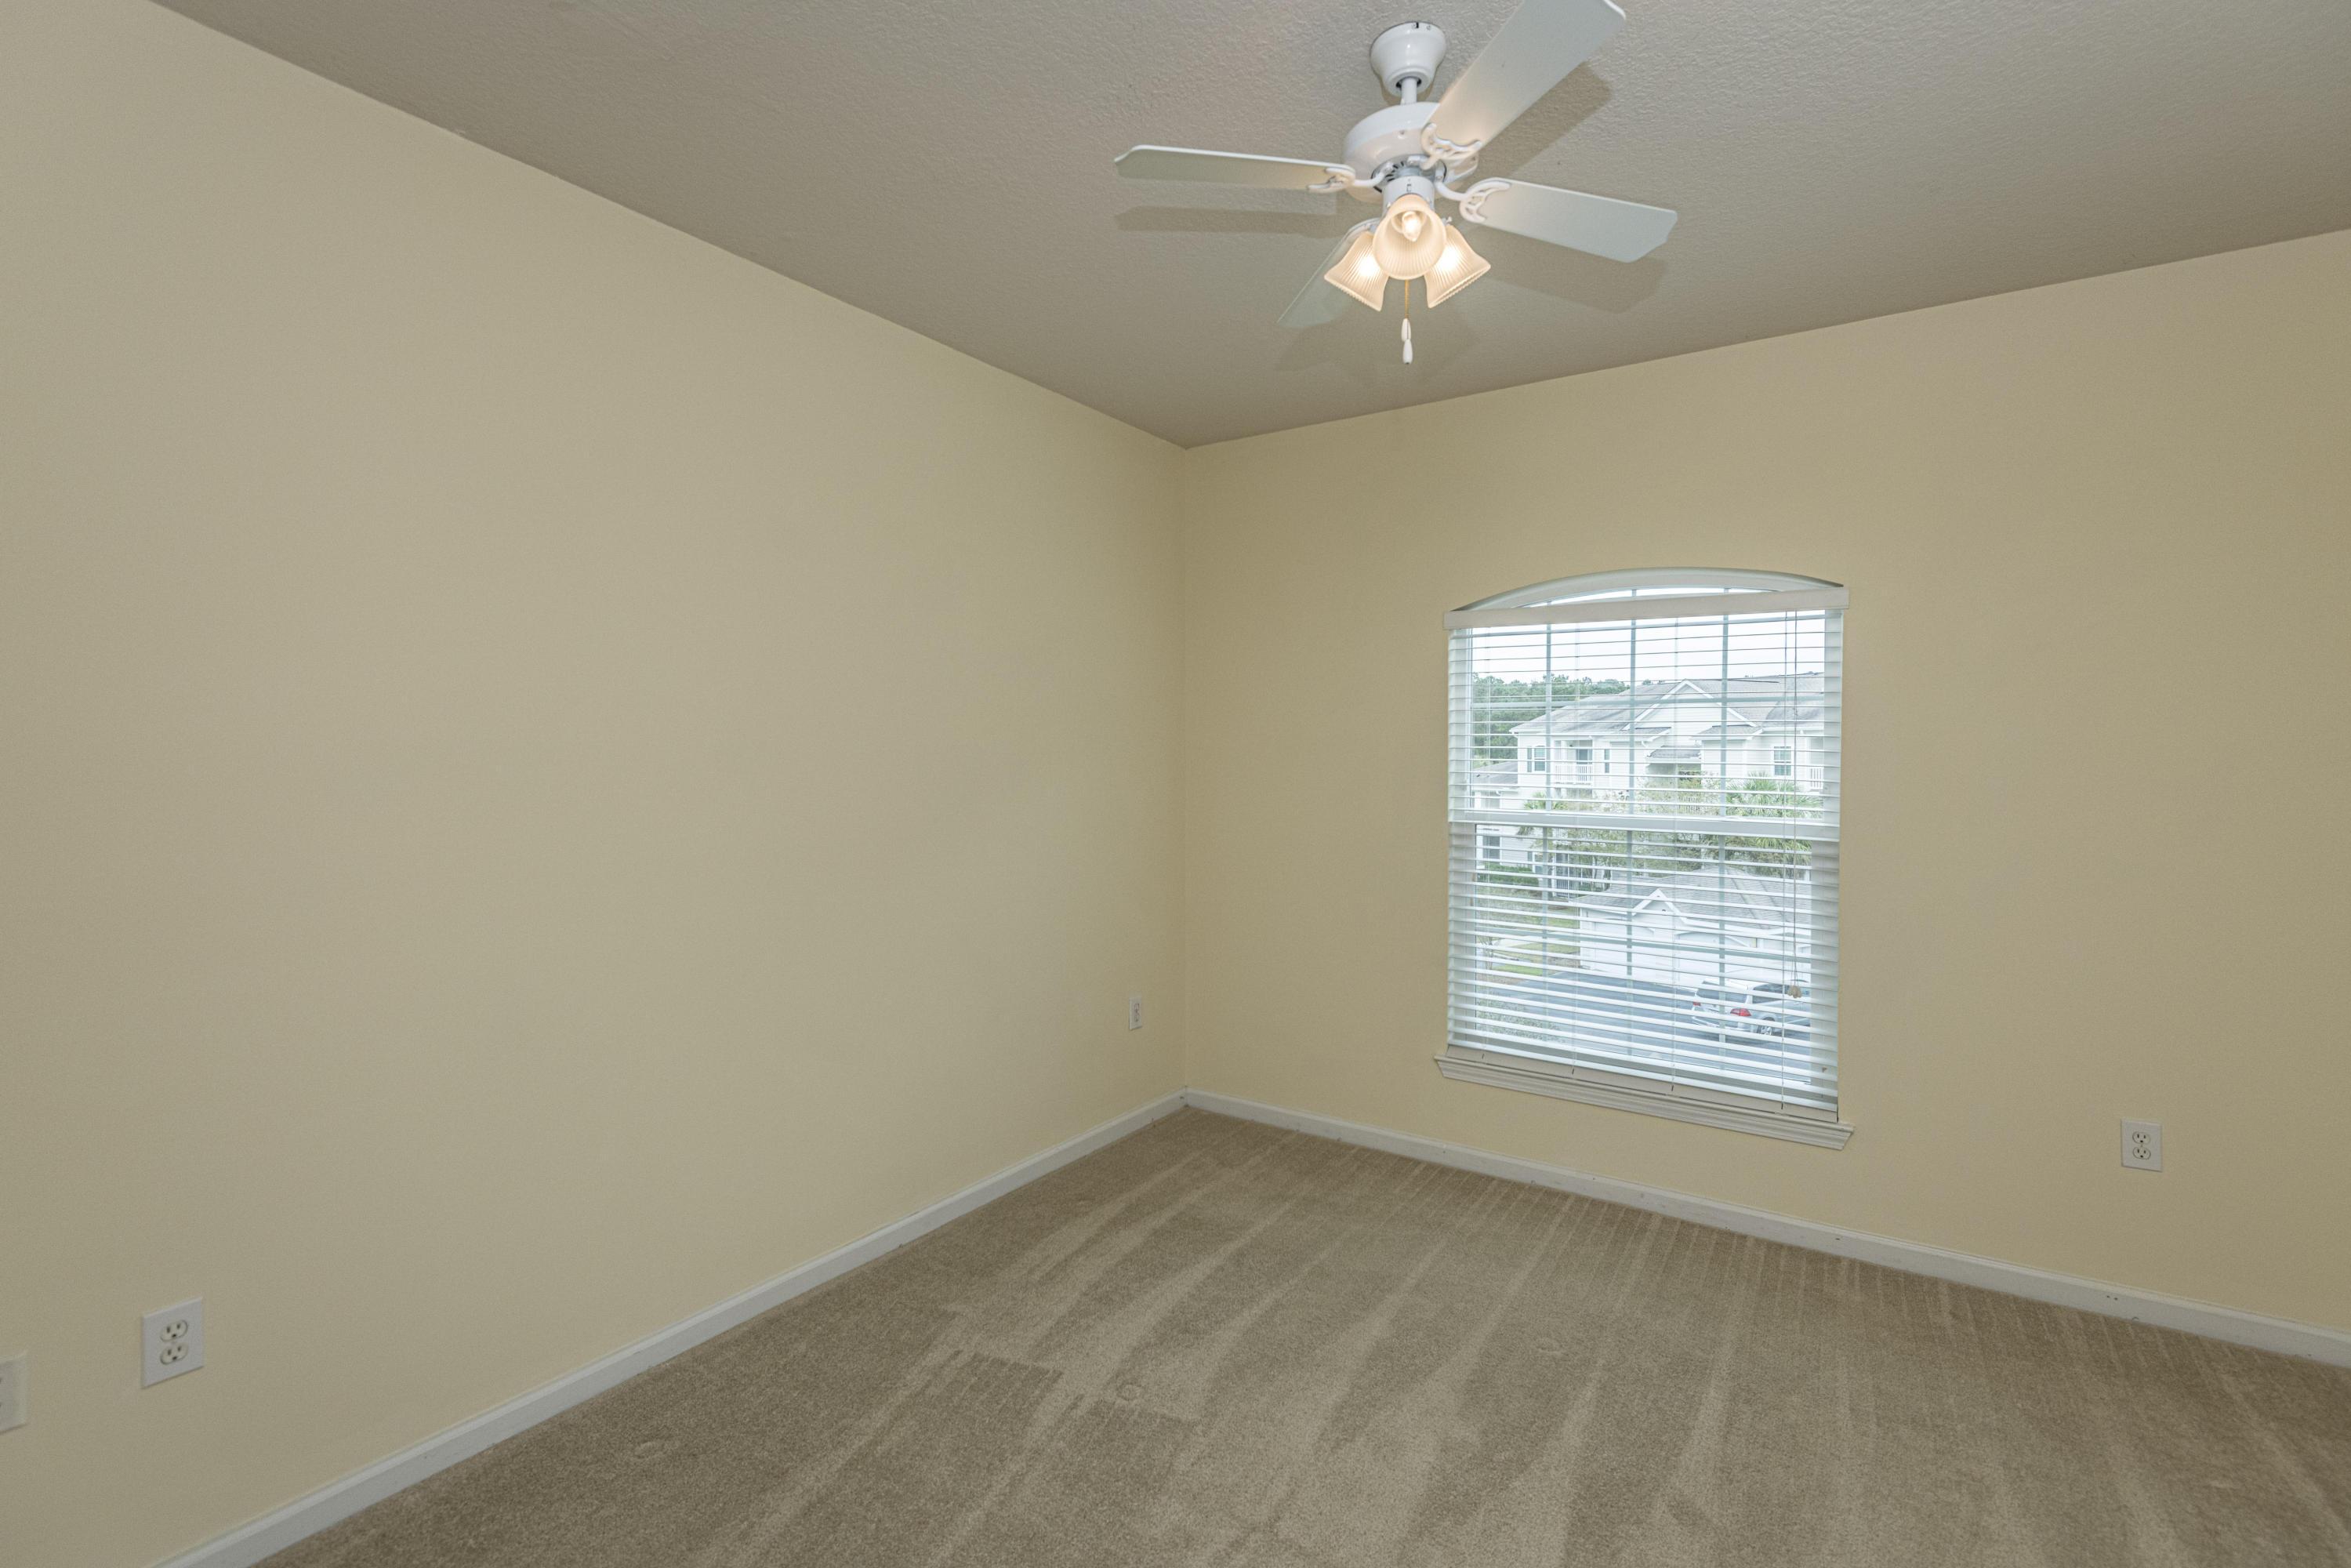 1300 #109 Park West Boulevard Mount Pleasant, SC 29466